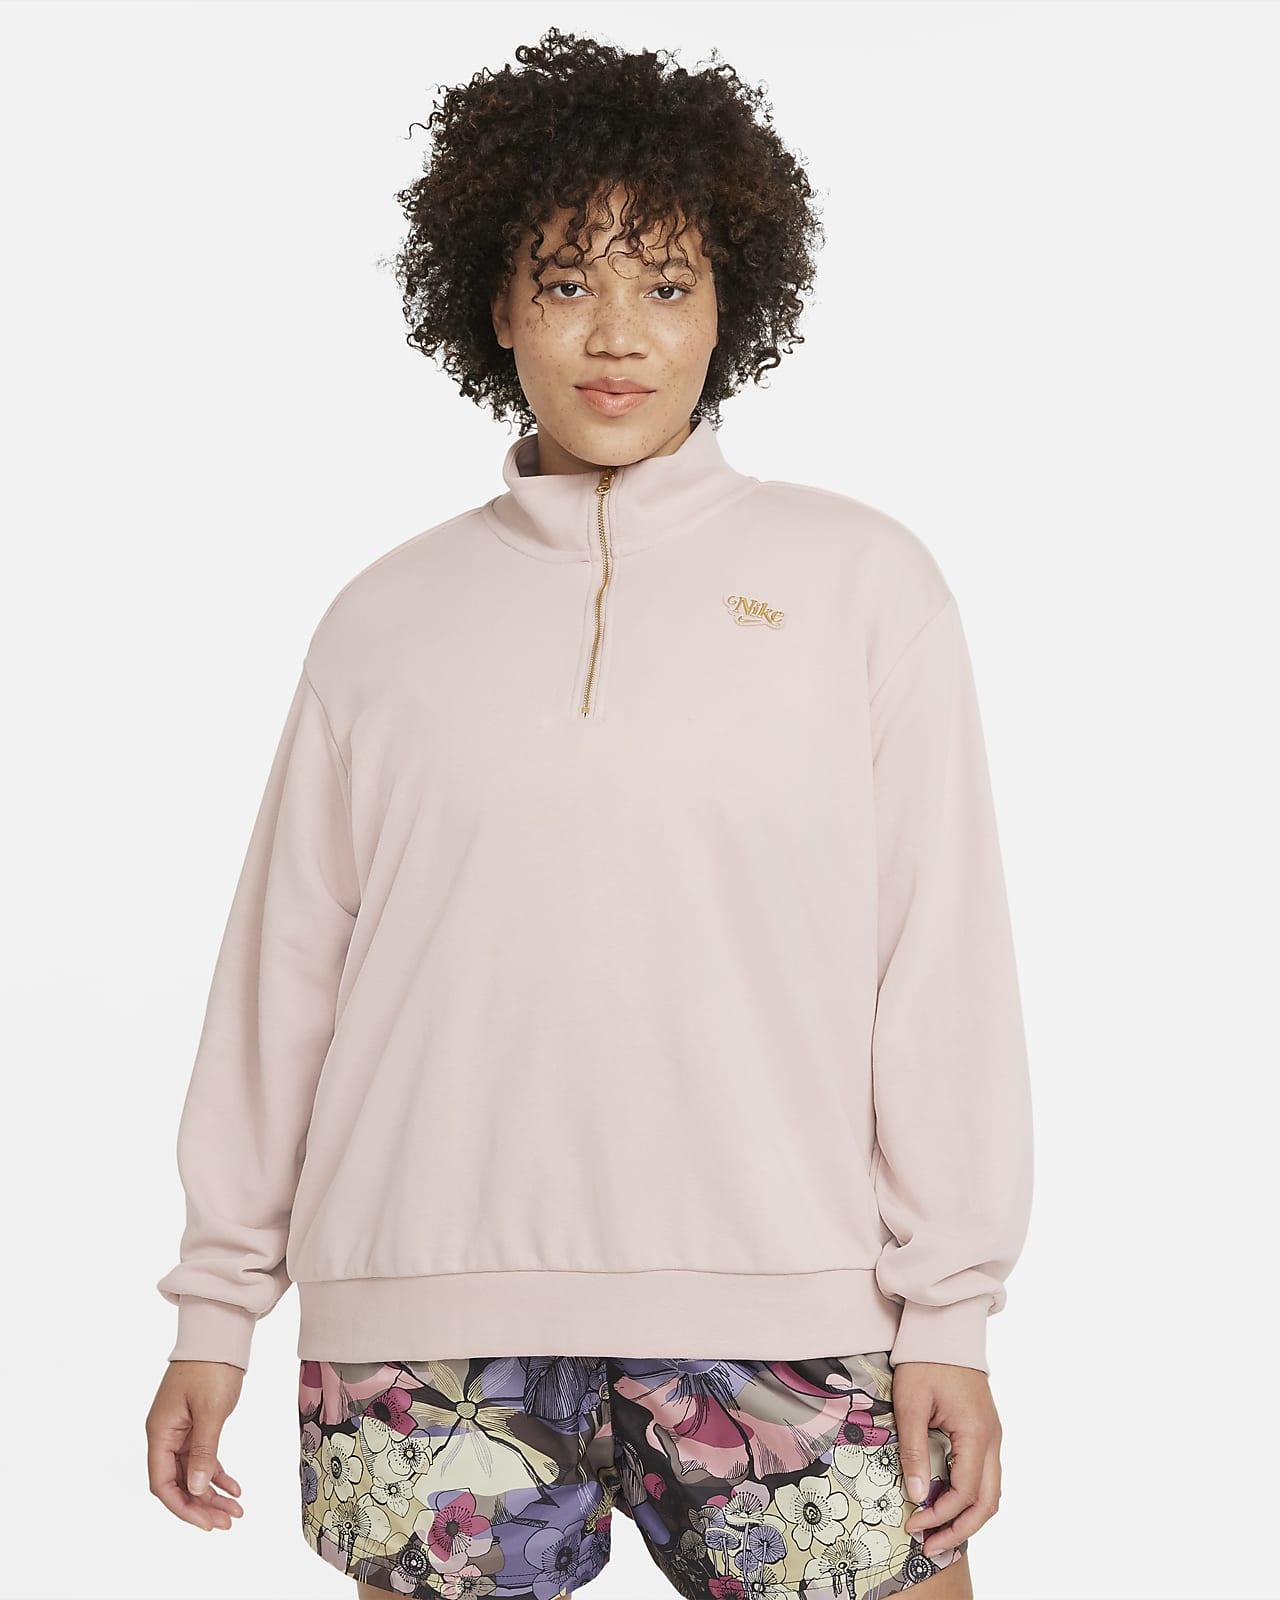 Nike Sportswear Femme Çeyrek Fermuarlı Kadın Sweatshirt'ü (Büyük Beden)